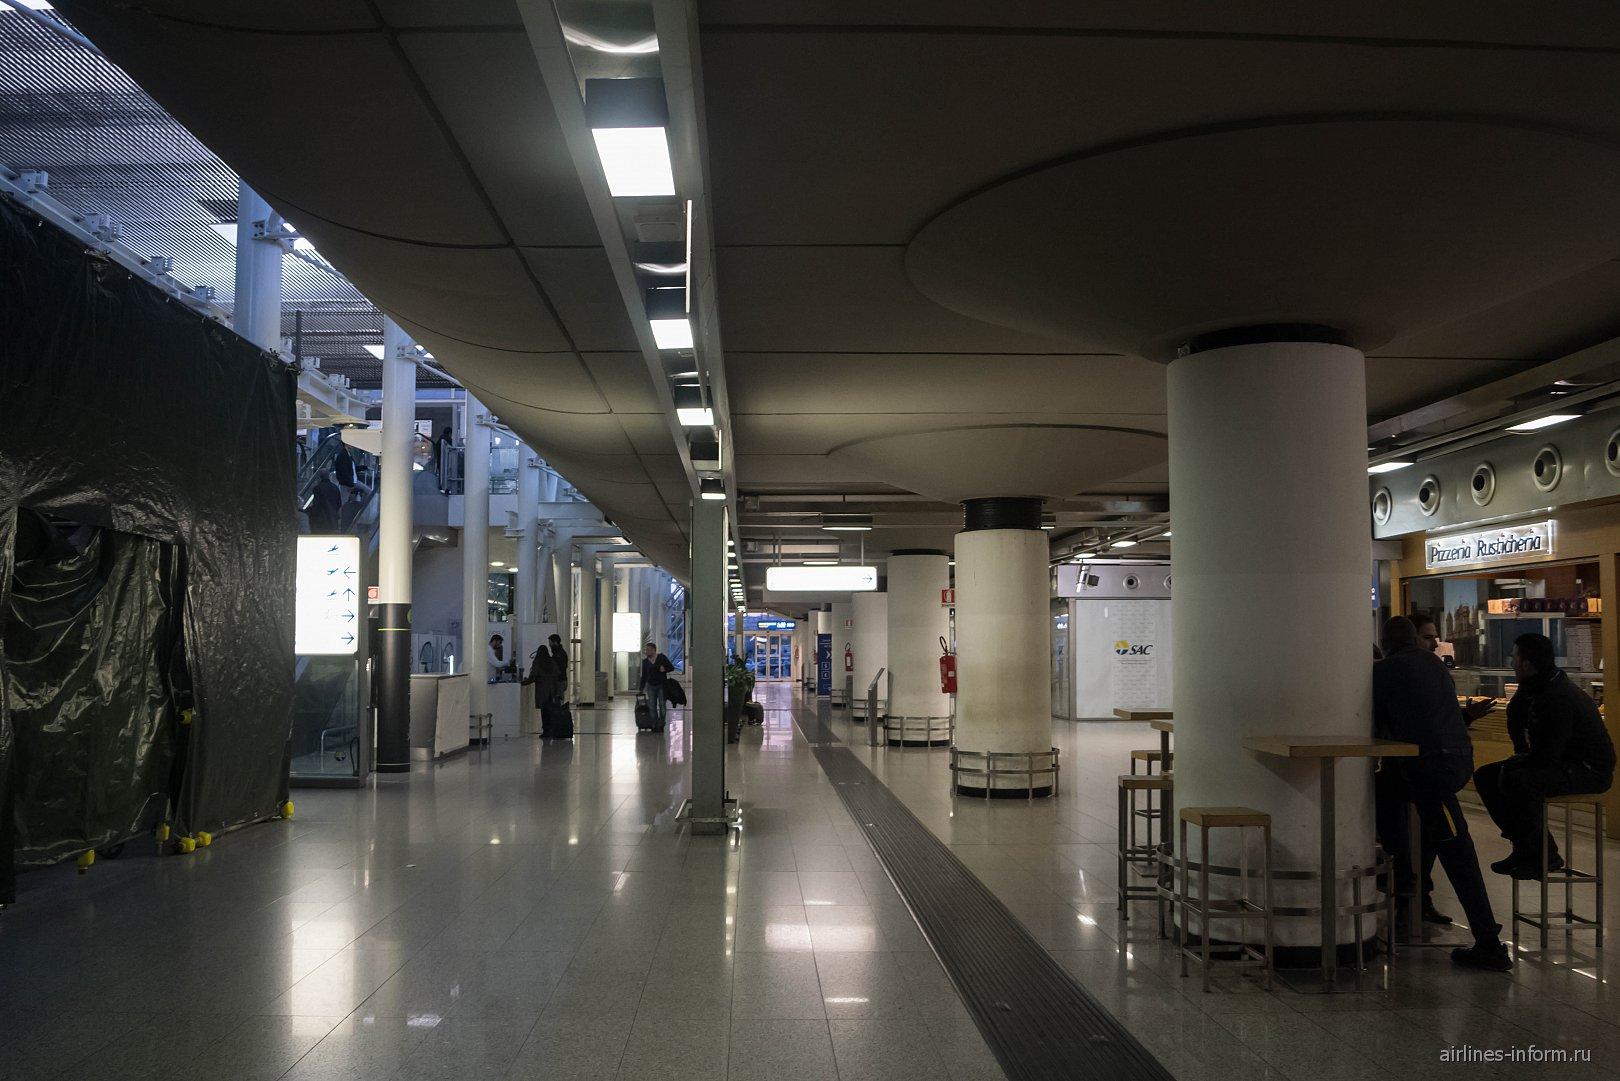 Зал прилета в аэропорту Катания Фонтанаросса